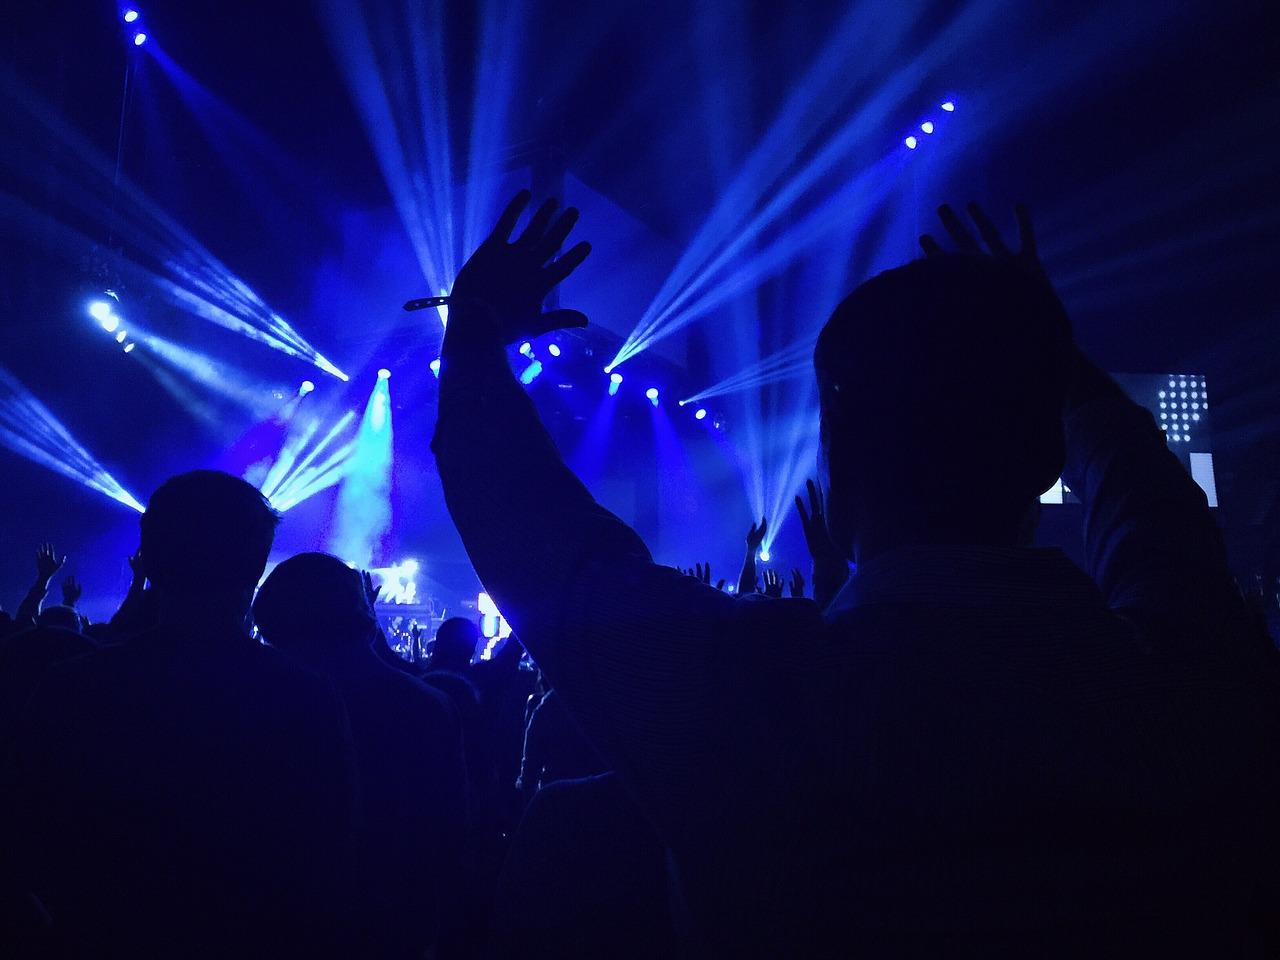 Les discothèques rouvriront le 9 juillet avec pass sanitaire